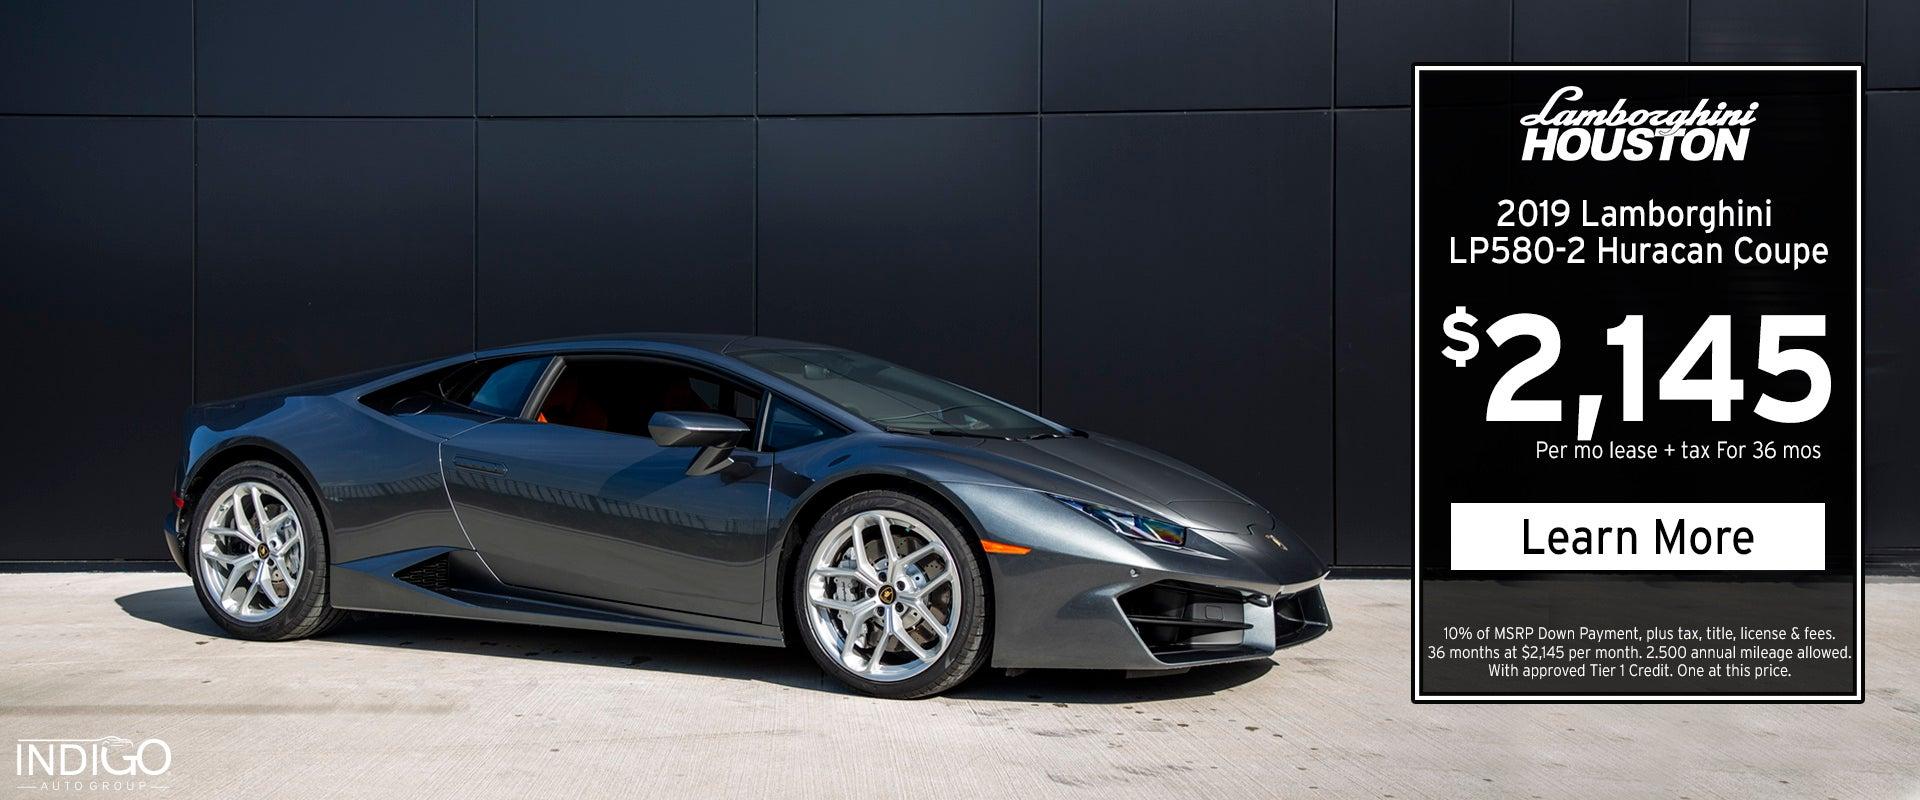 New Pre Owned Lamborghini Cars Lamborghini Houston Houston Tx